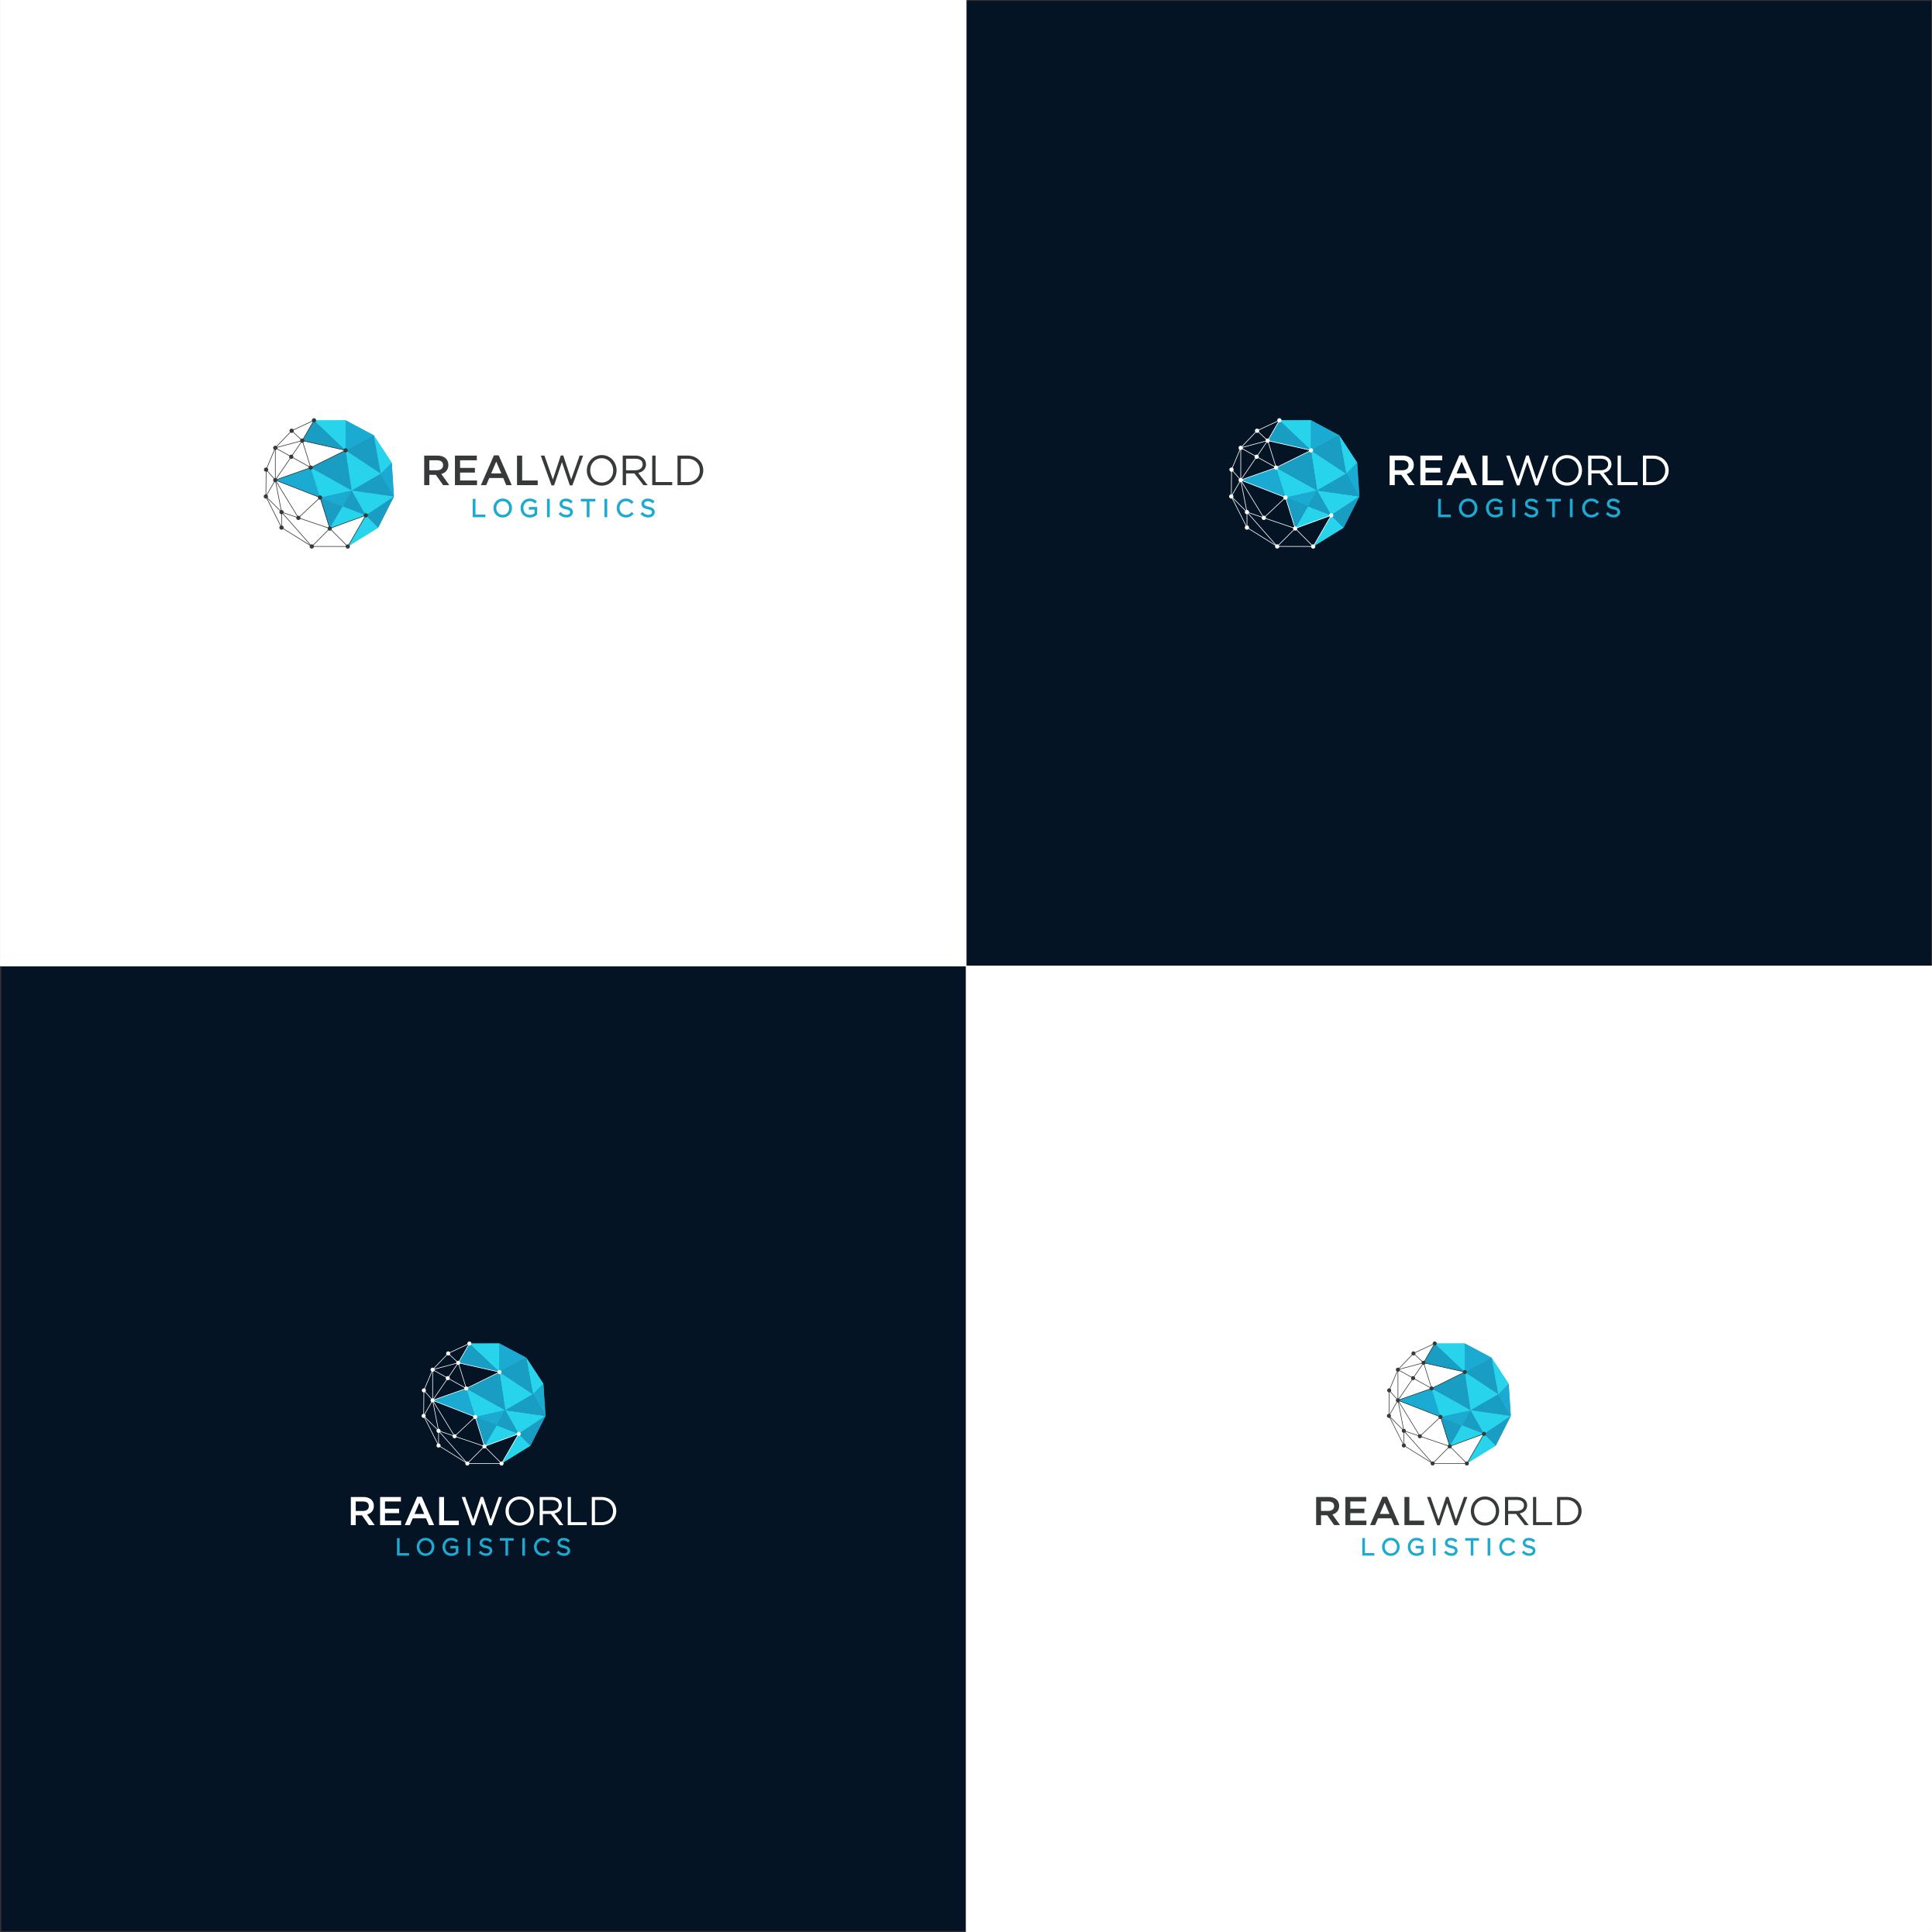 Design a brand logo for Real World Logistics